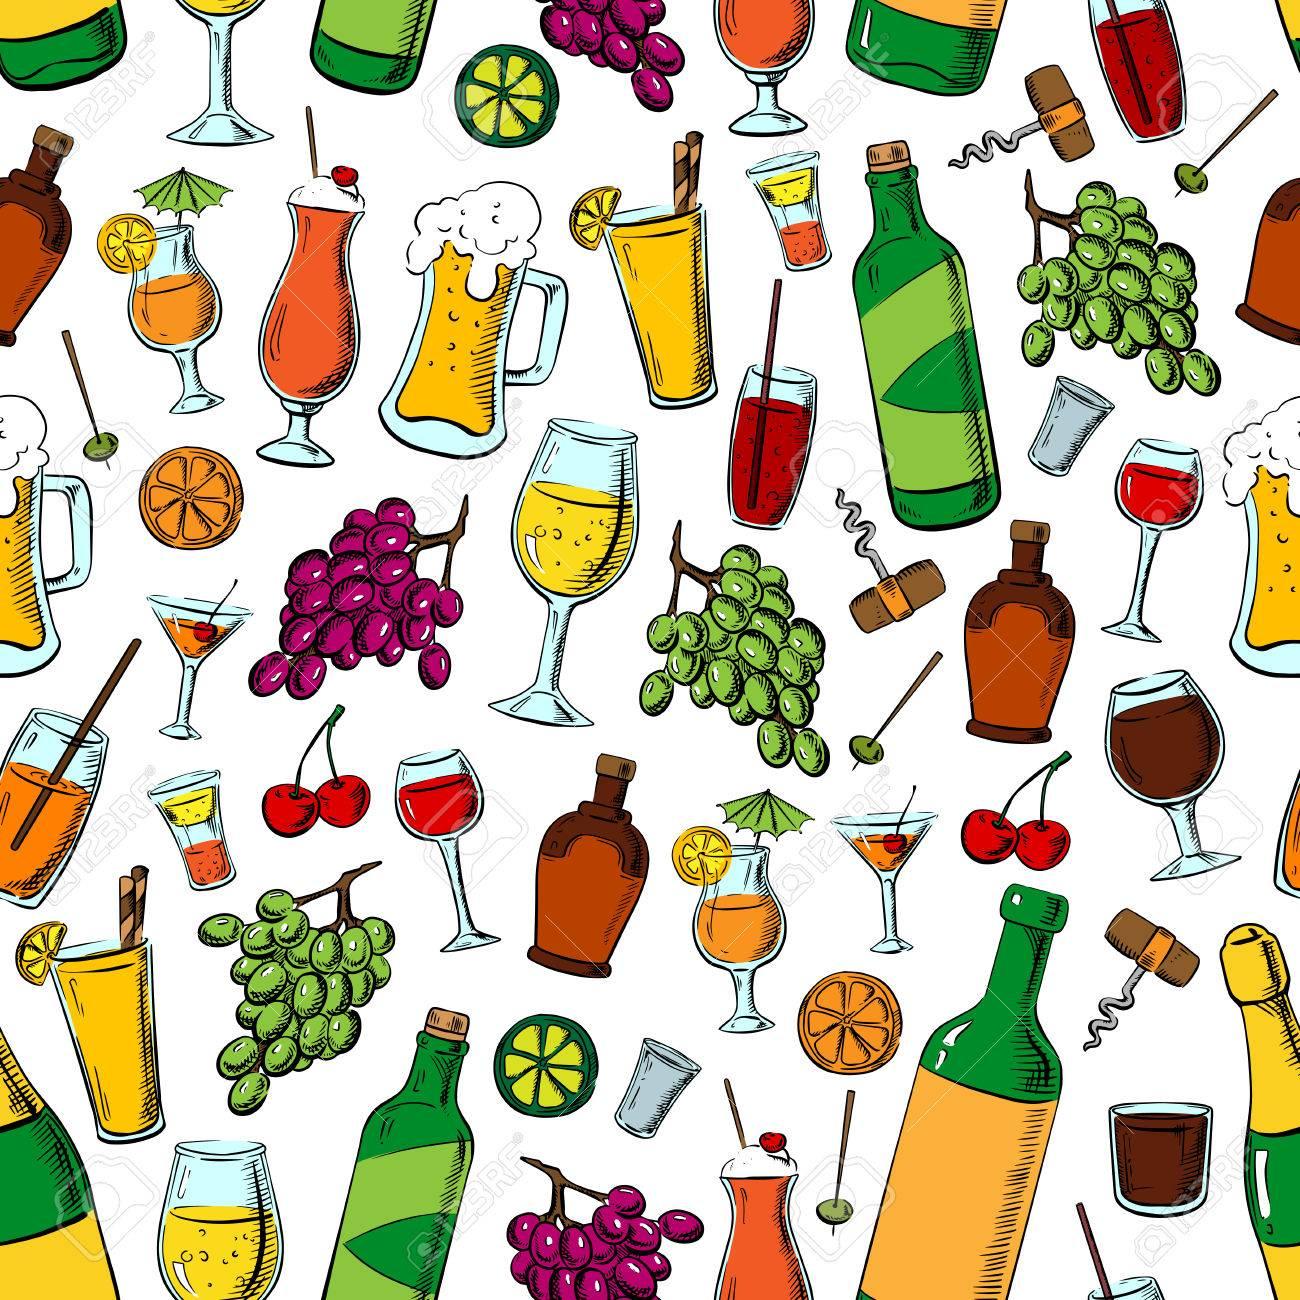 Geburtstags-Party Getränke Und Früchte. Cocktails, Getränke Und ...